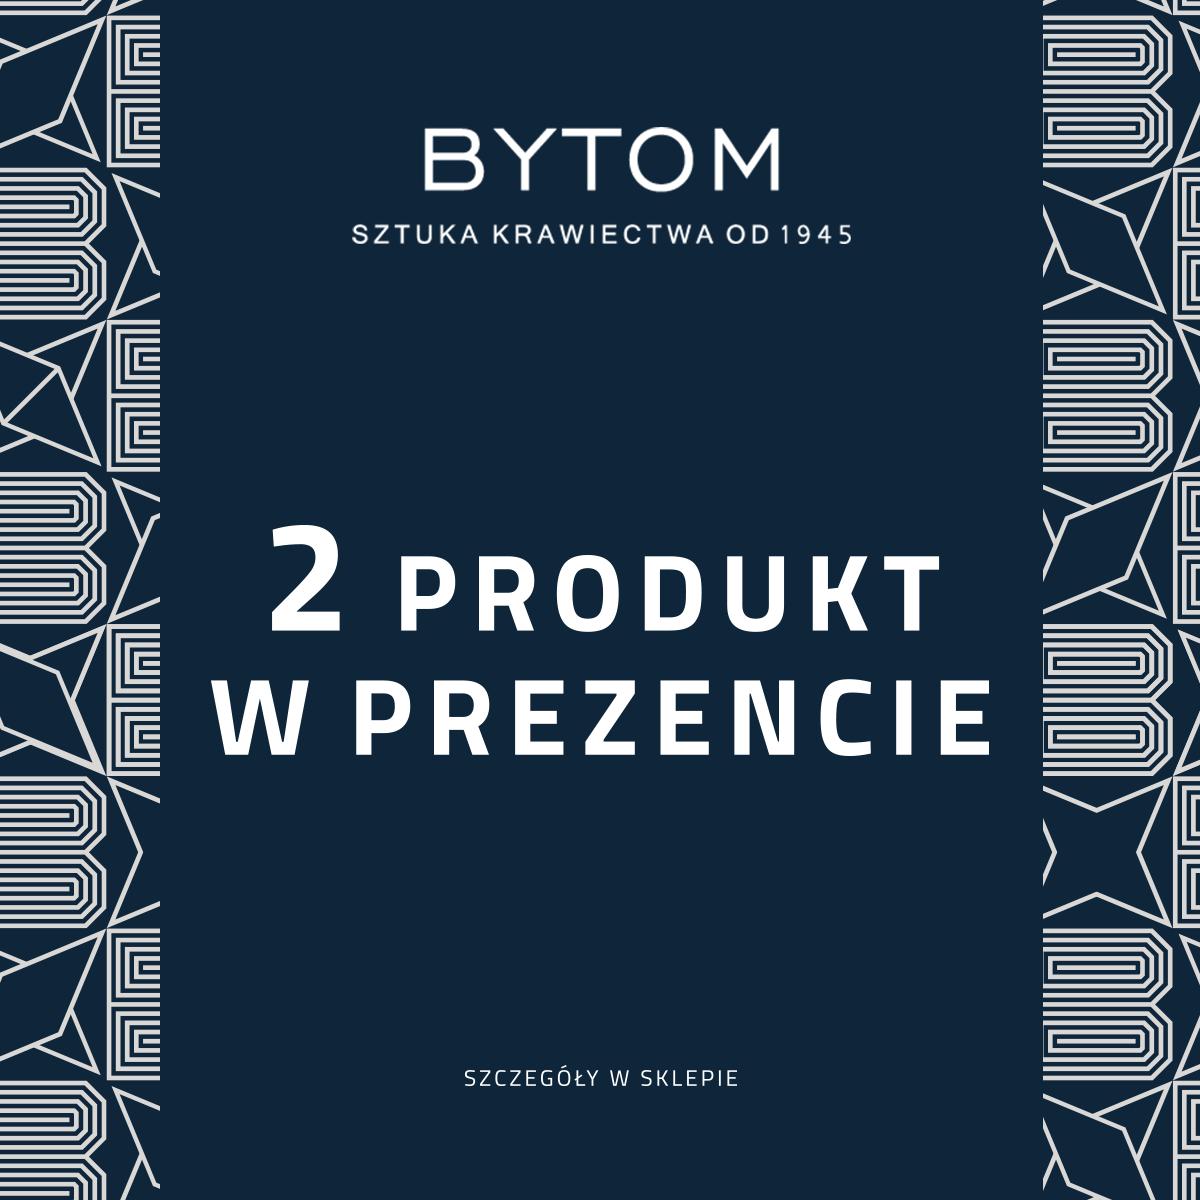 BYTOM: 2 produkt w prezencie